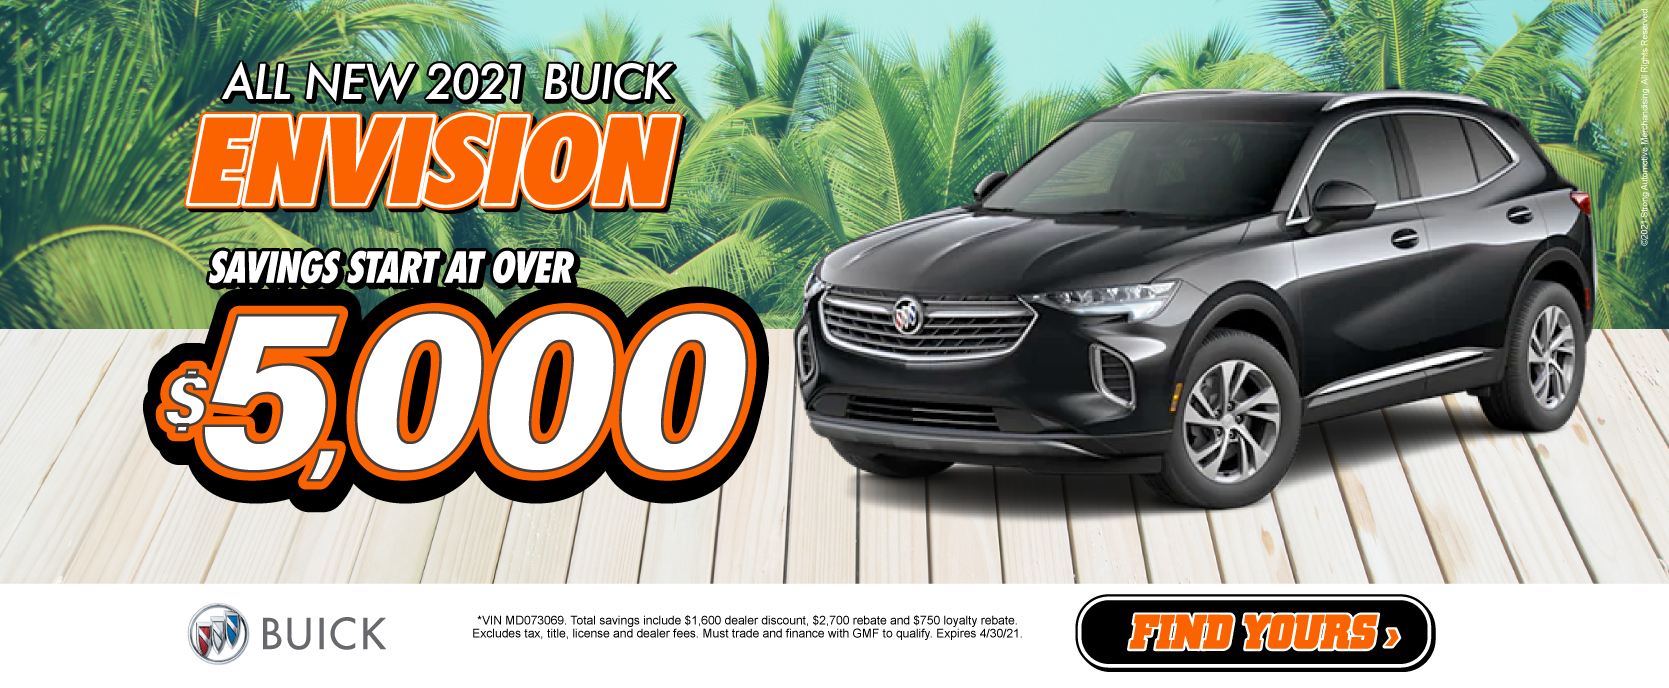 2021 Buick Envision Savings start at $5,000